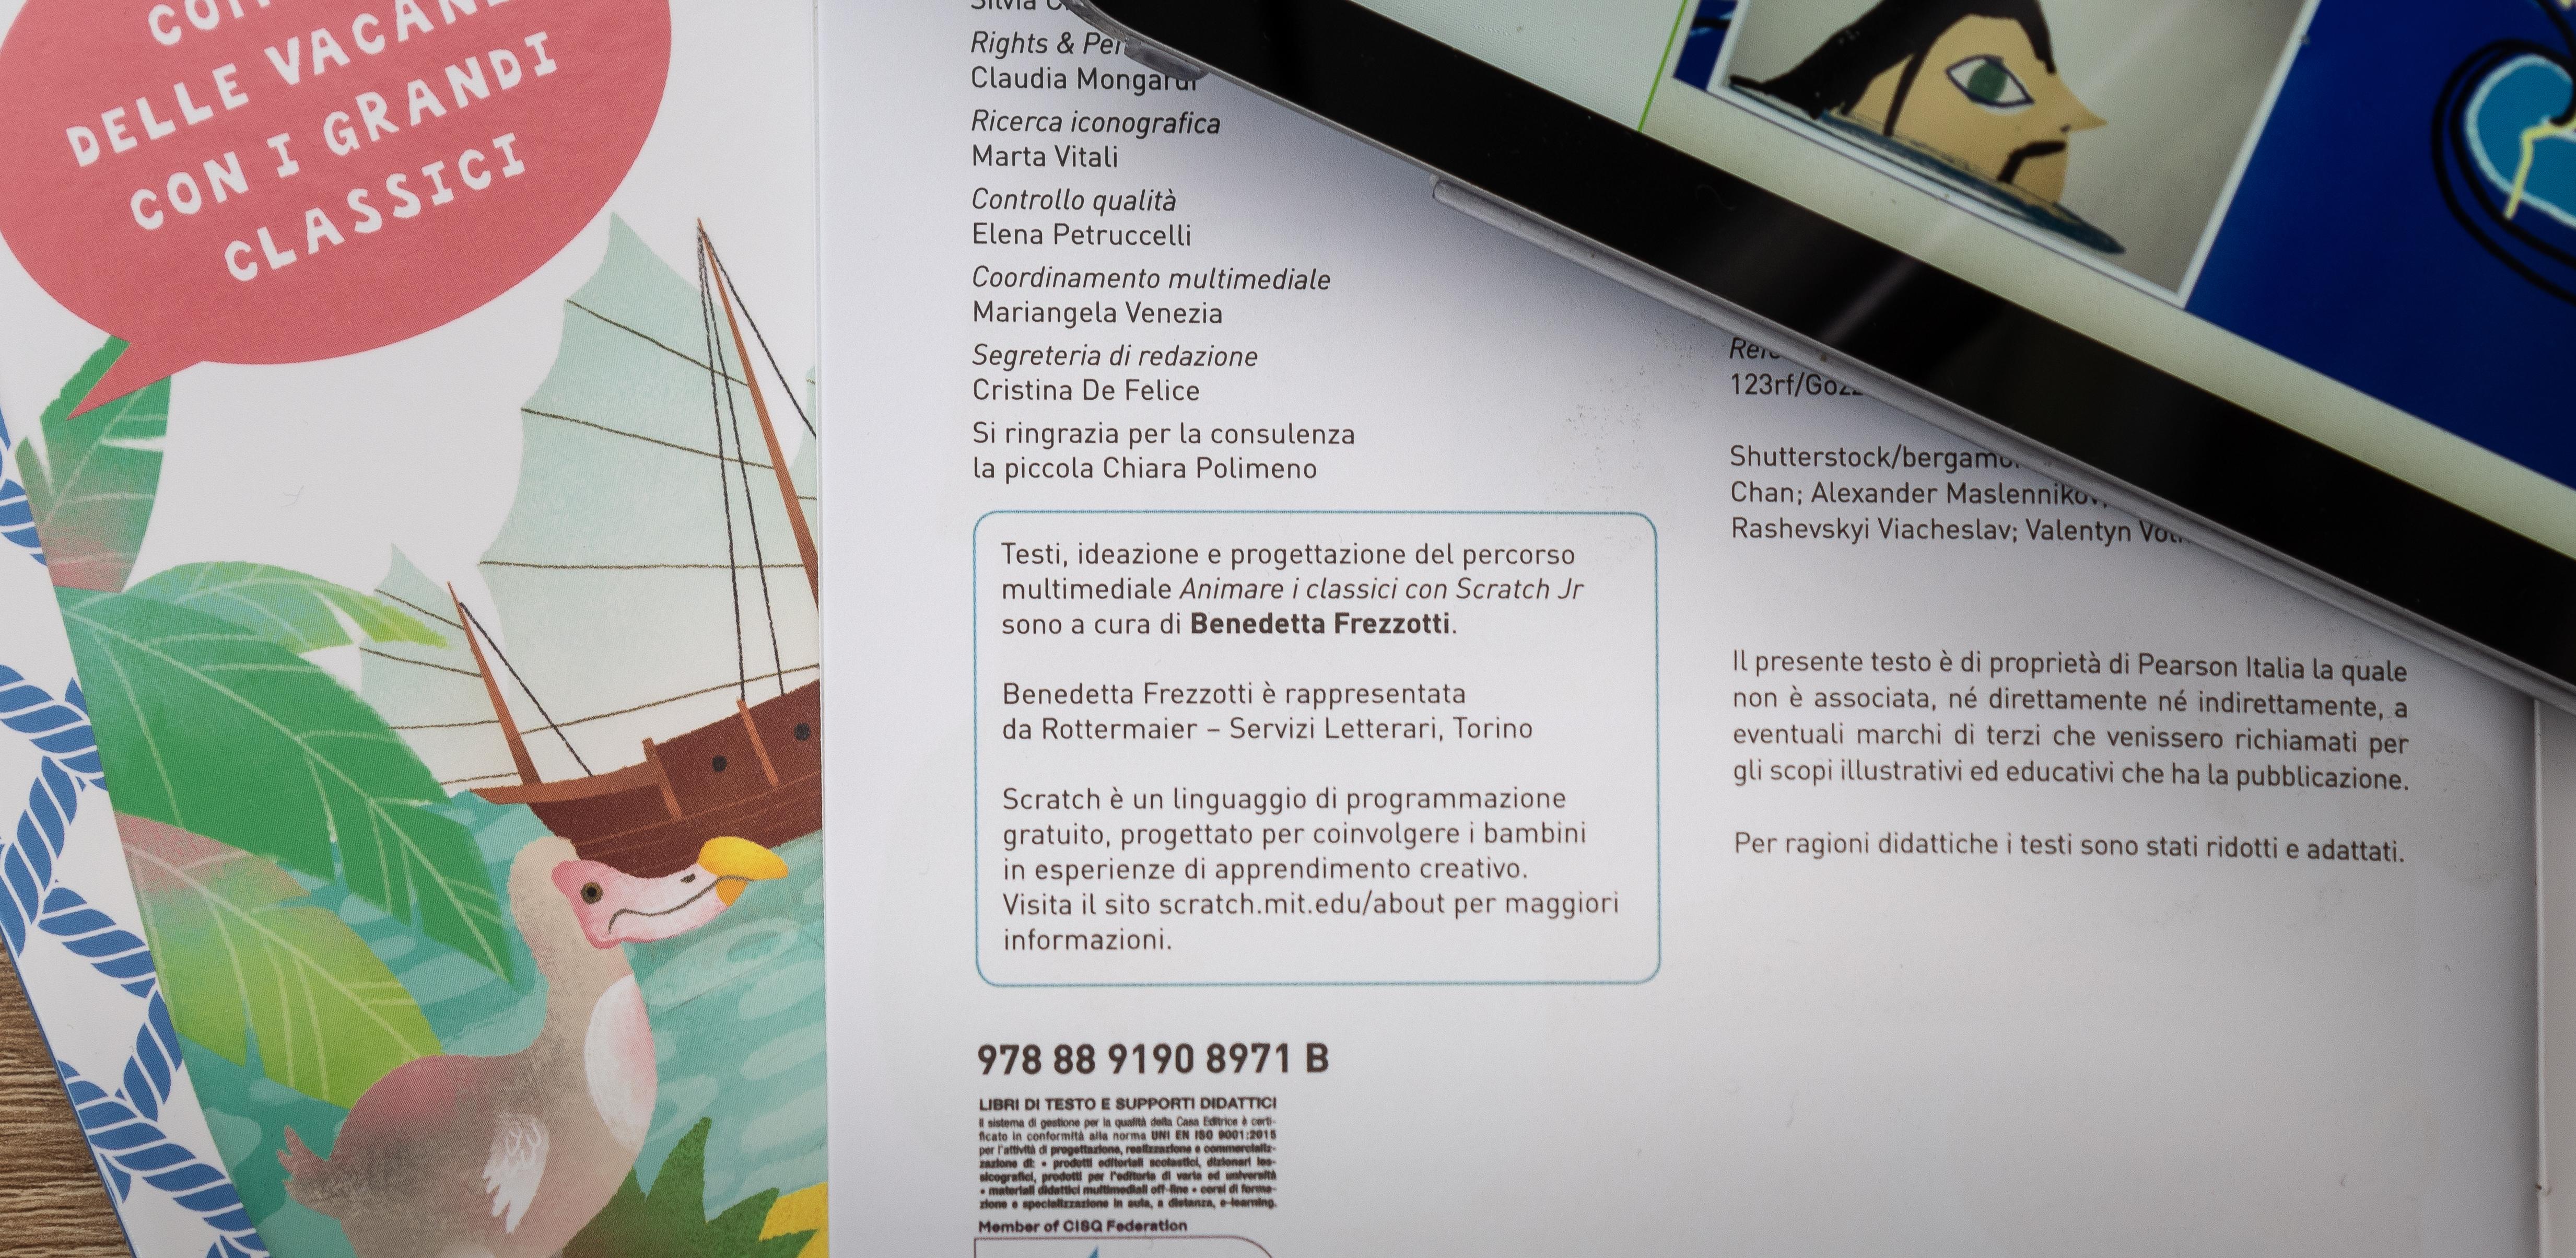 Immagini delle guide Animare i classici con Scratch JR di Benedetta Frezzotti per Edizioni Pearson